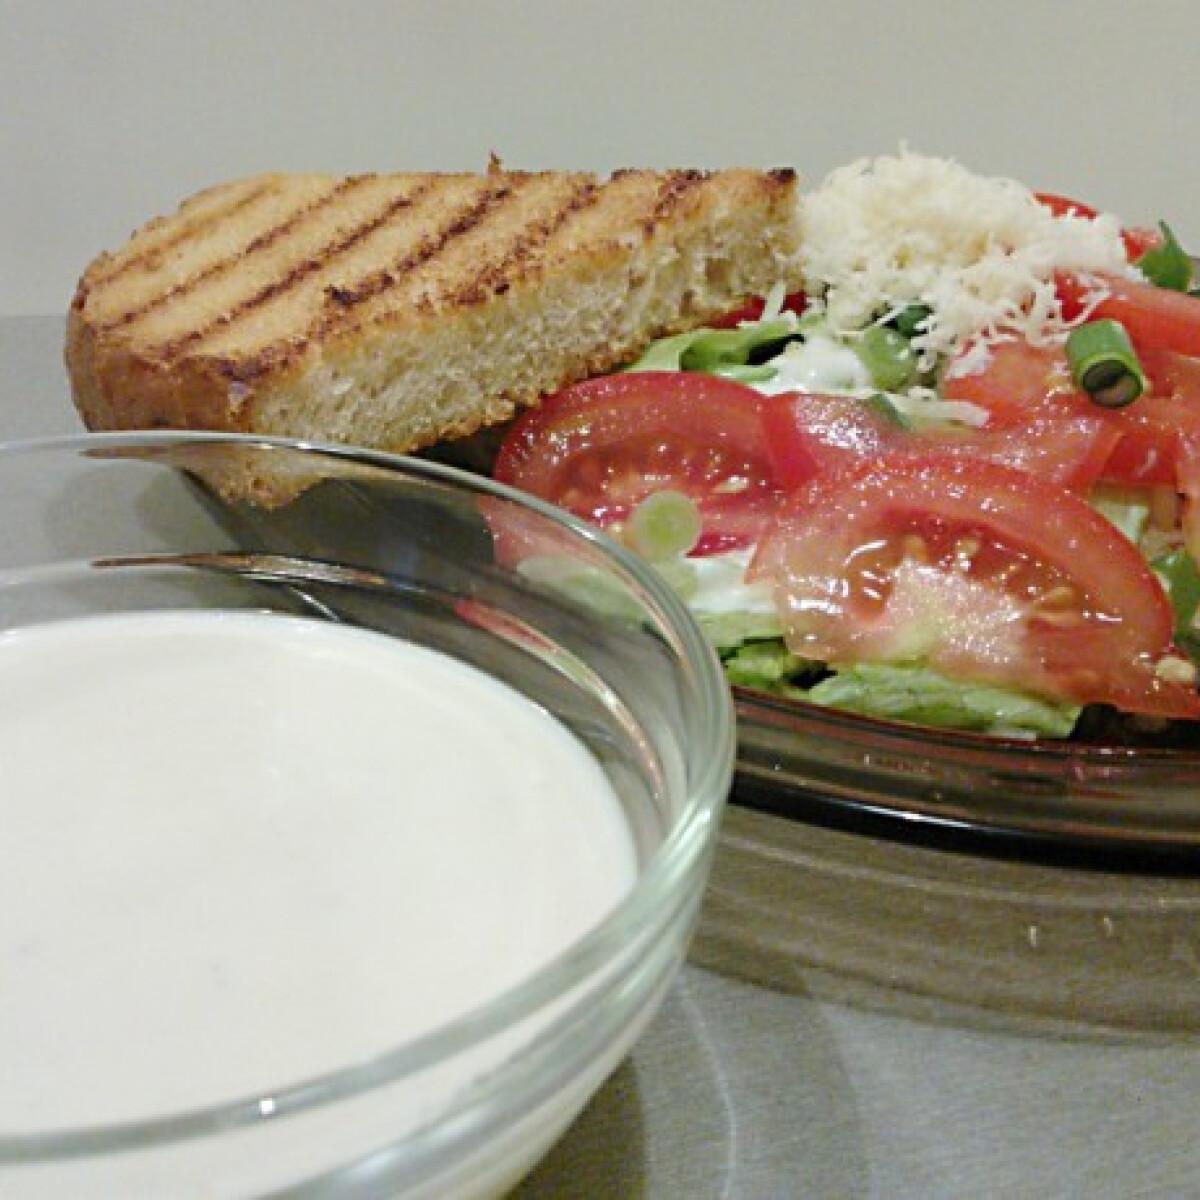 Ezen a képen: Halszószos salátaöntet